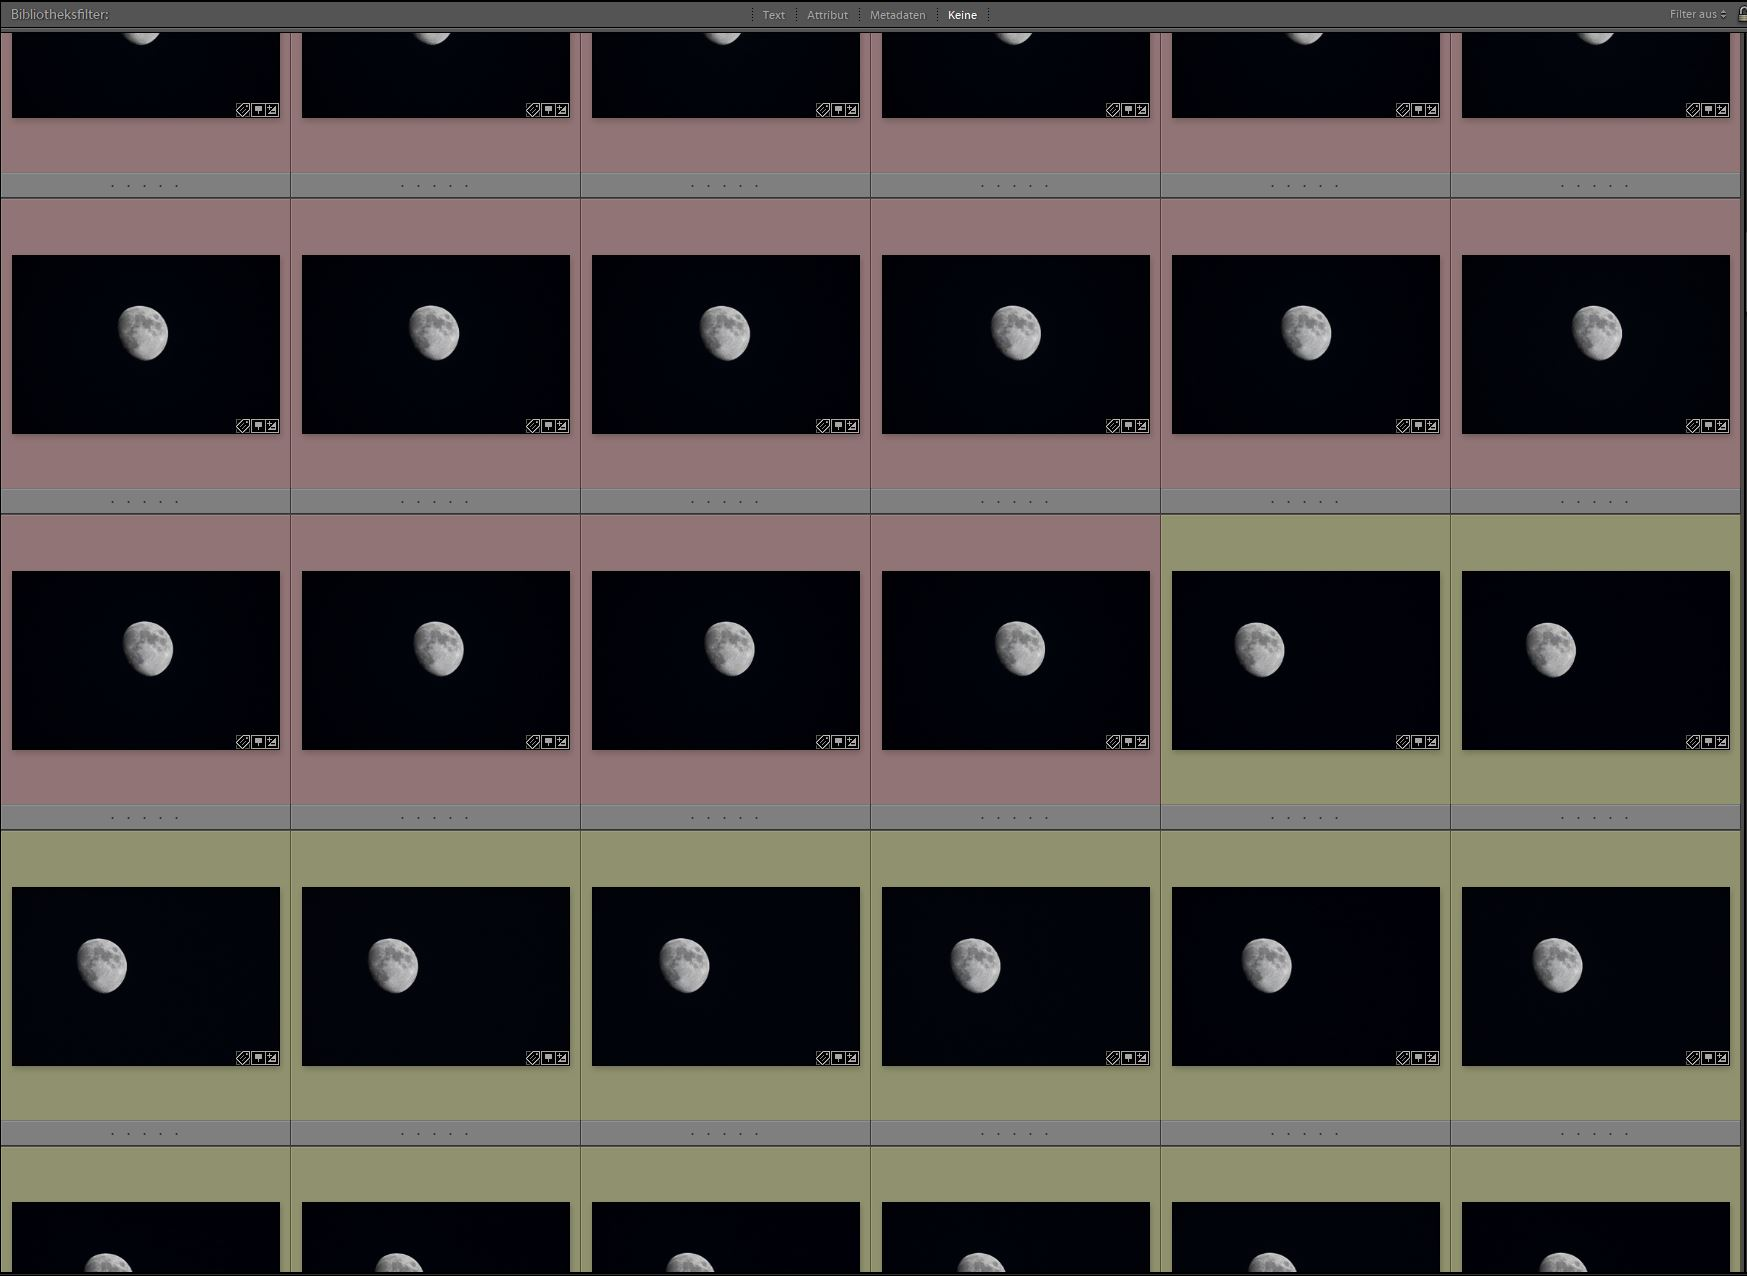 Anhand der Farbmarkierungen sollten alle Fotos einer Mondfotografie-Serie schnell identifizierbar sein